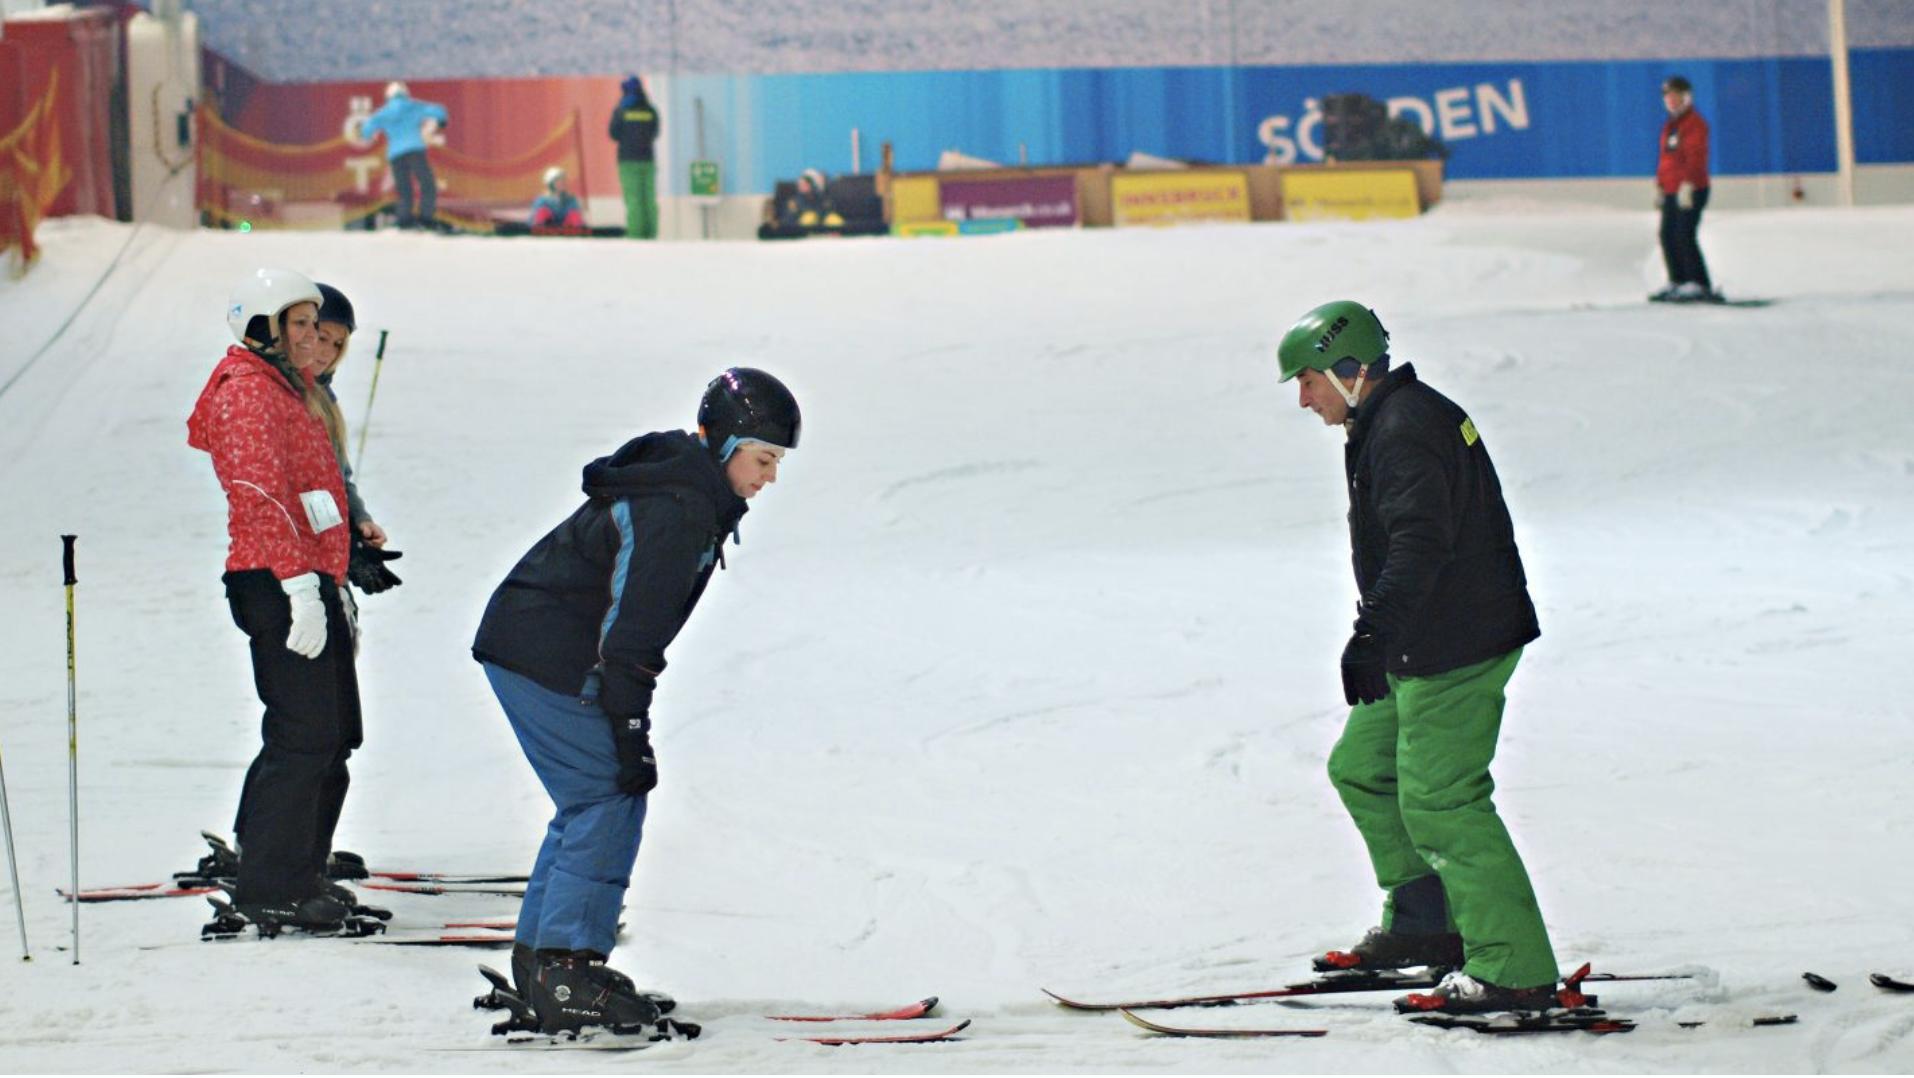 UK Snowsport Coaching Awards This Weekend